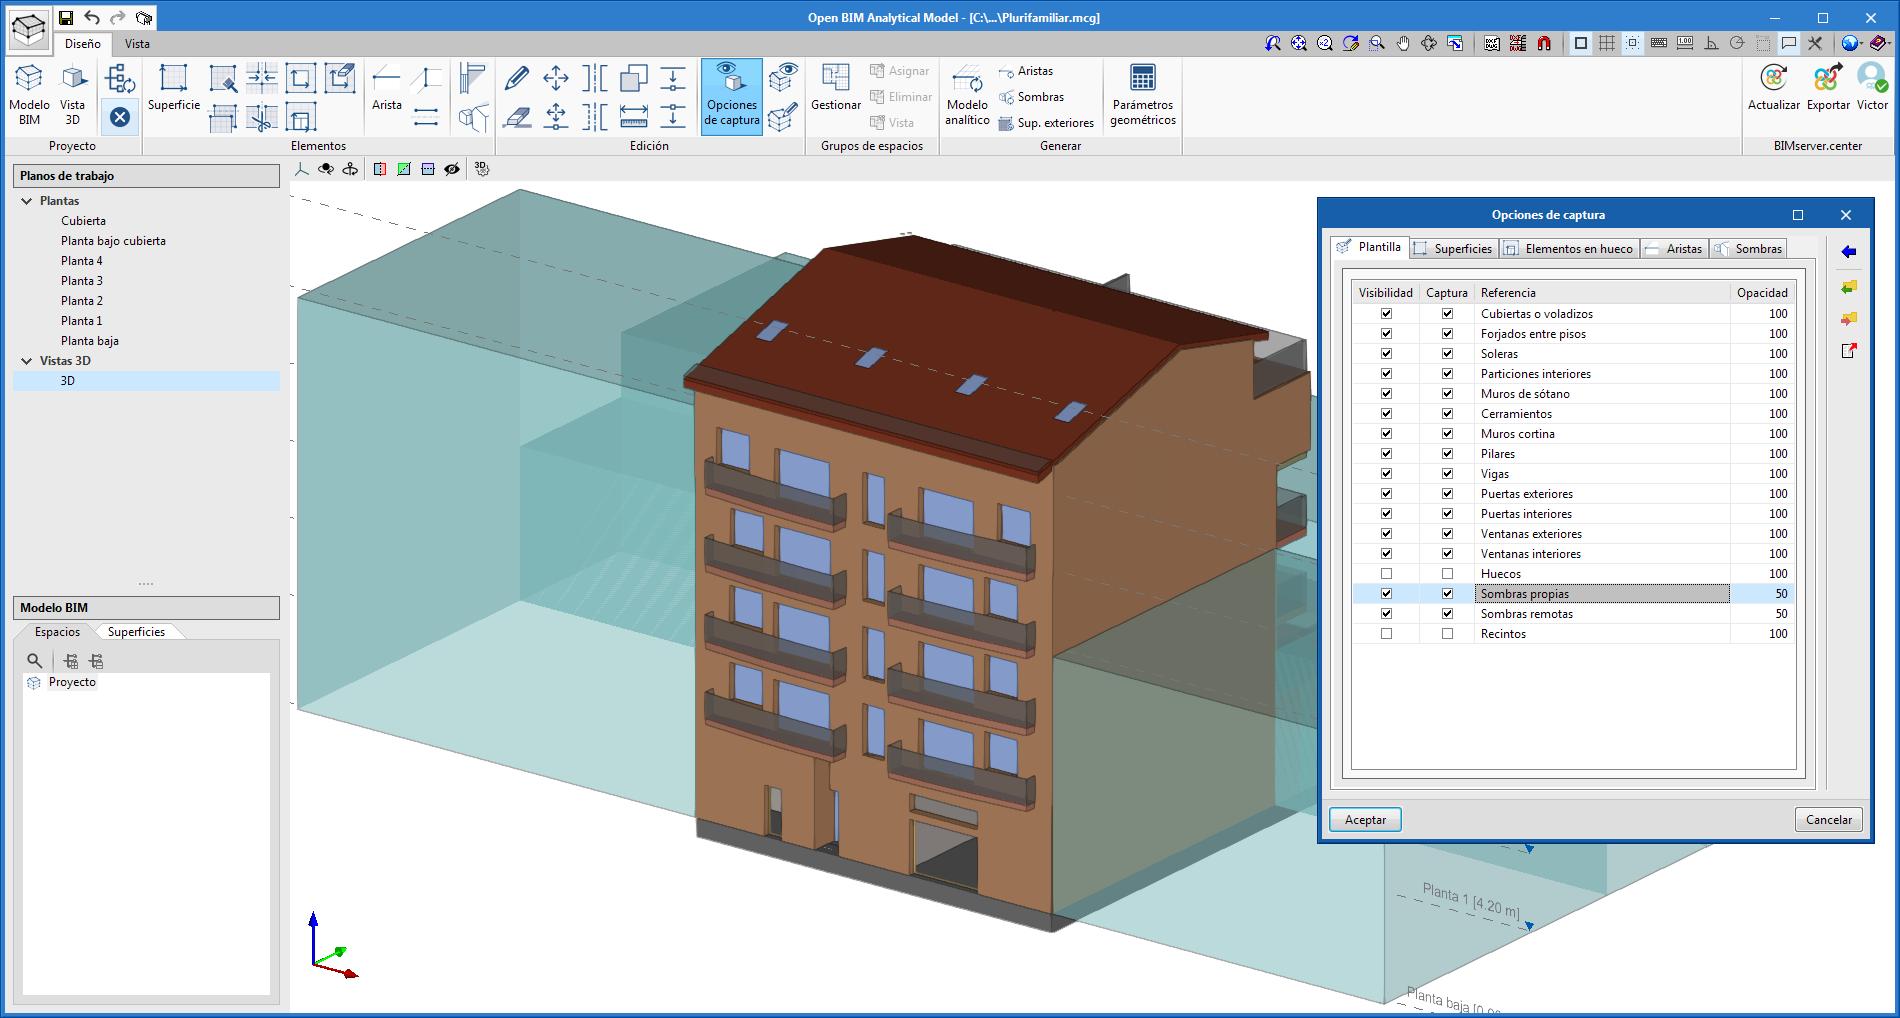 Open BIM Analytical Model. Visualización de los elementos de sombra del modelo físico